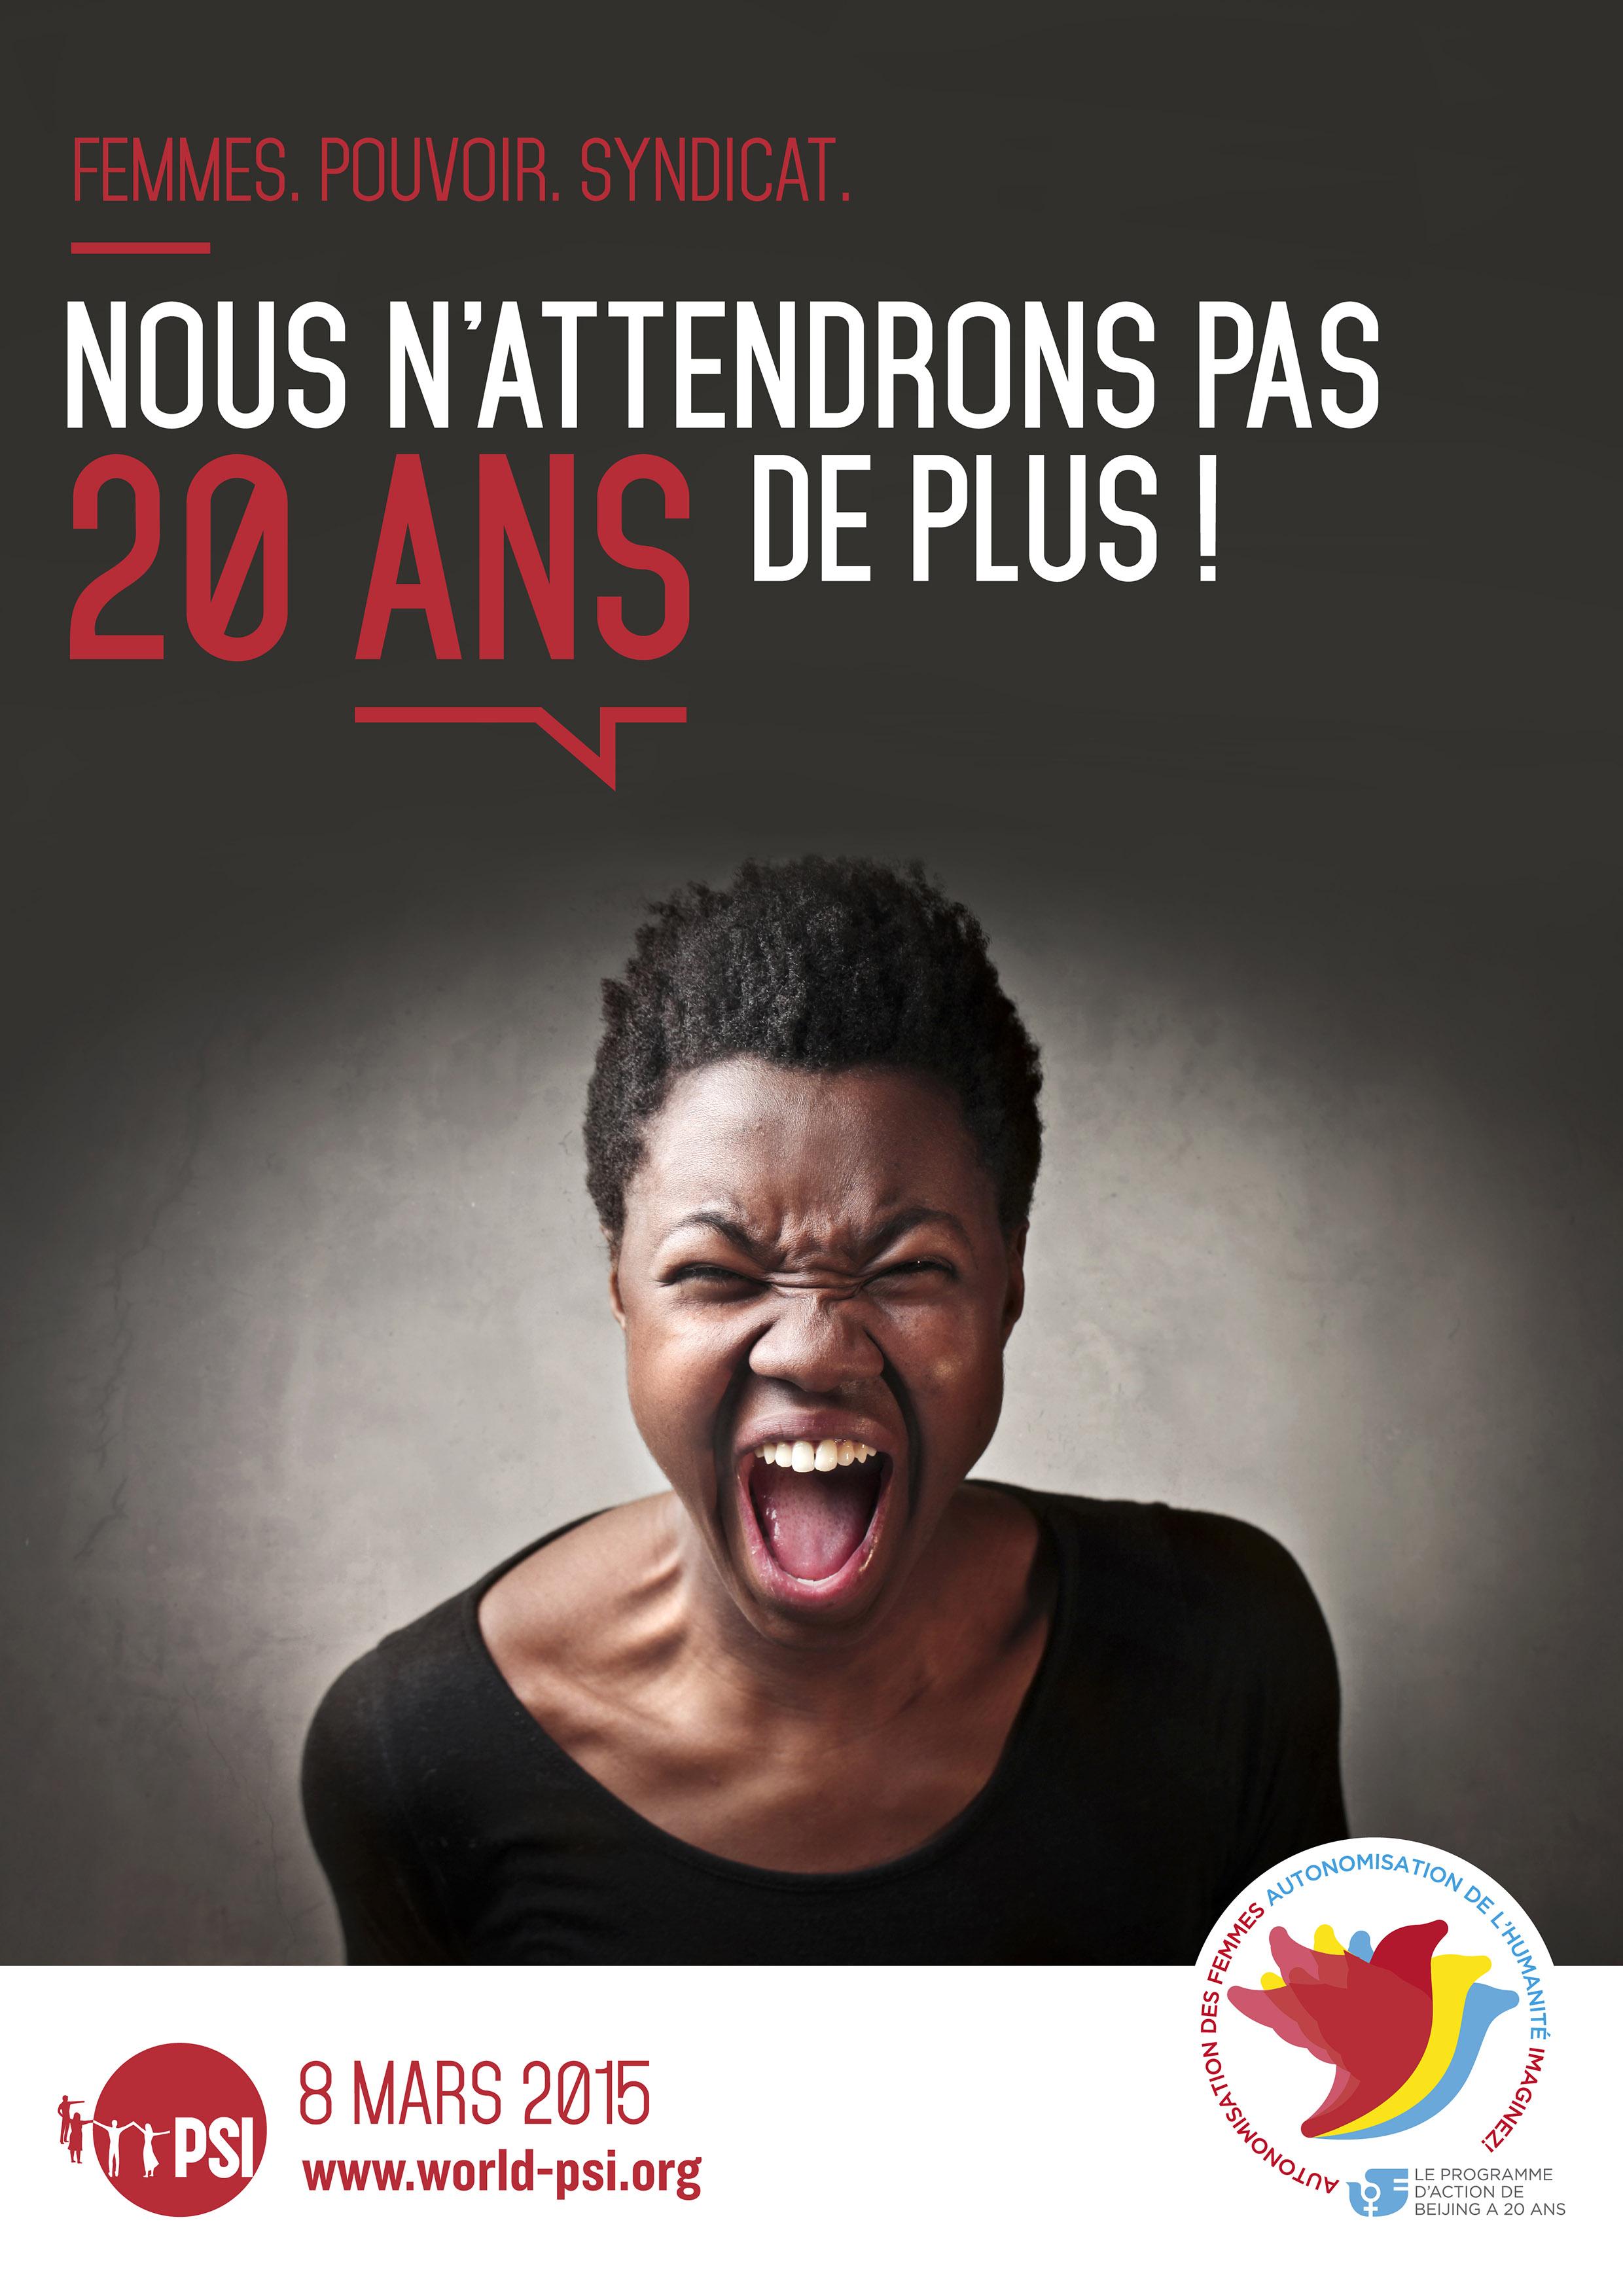 Génial Affiche Pour La Journée De La Femme journée internationale de la femme 2015 - affiches | psi